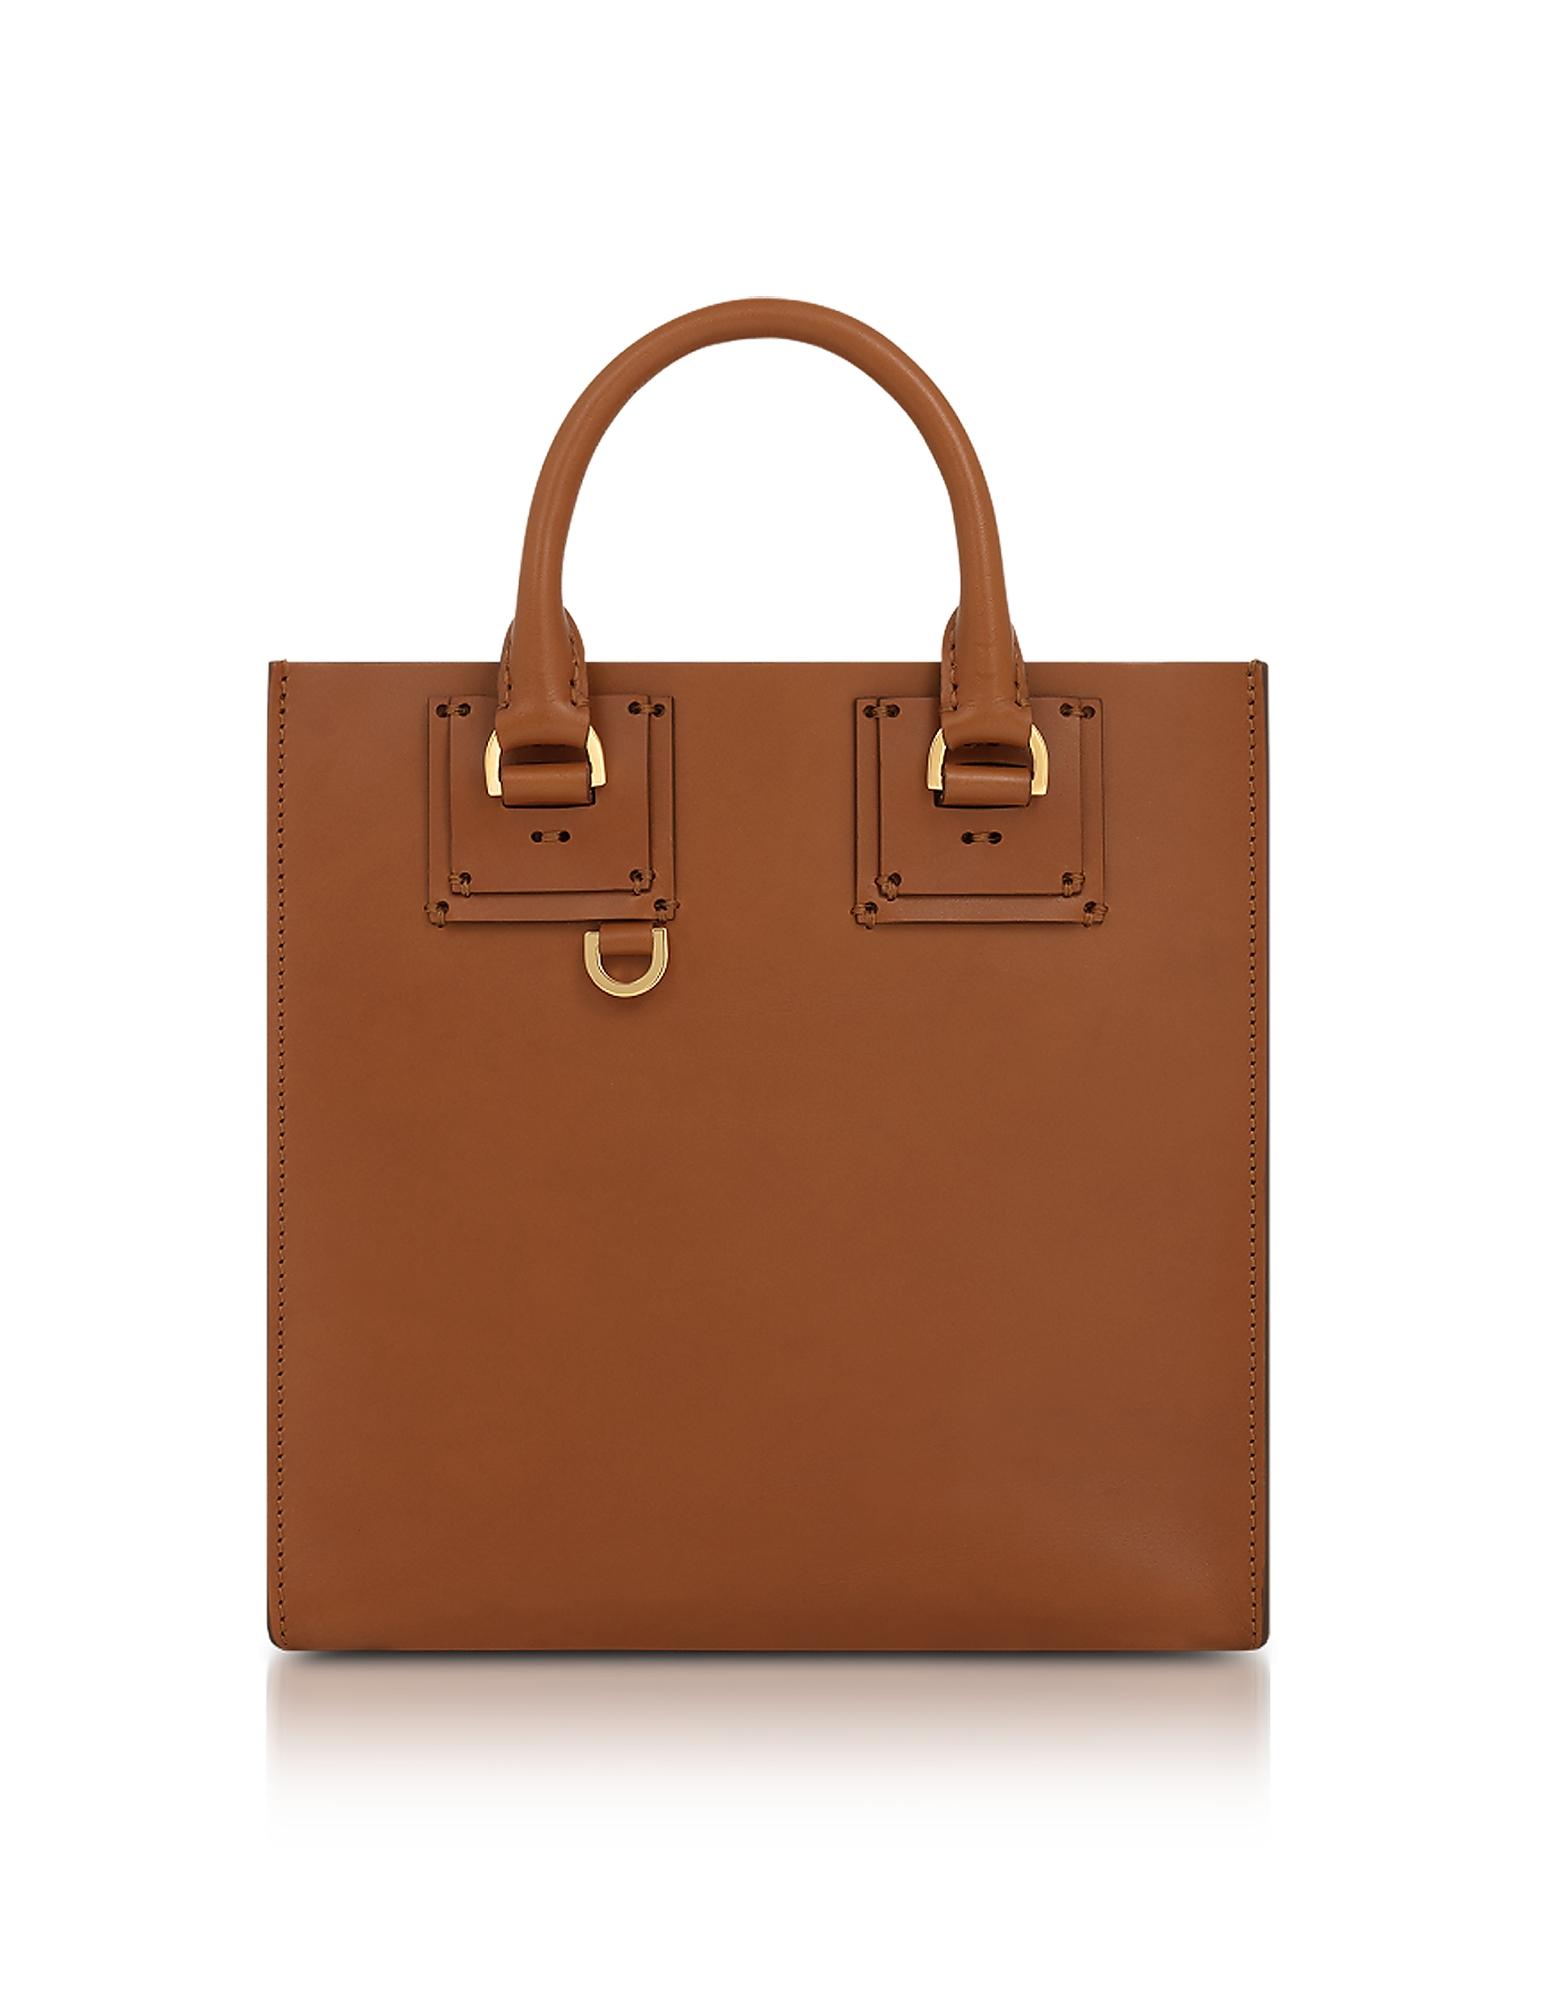 Sophie Hulme Handbags, Tan Albion Square Tote